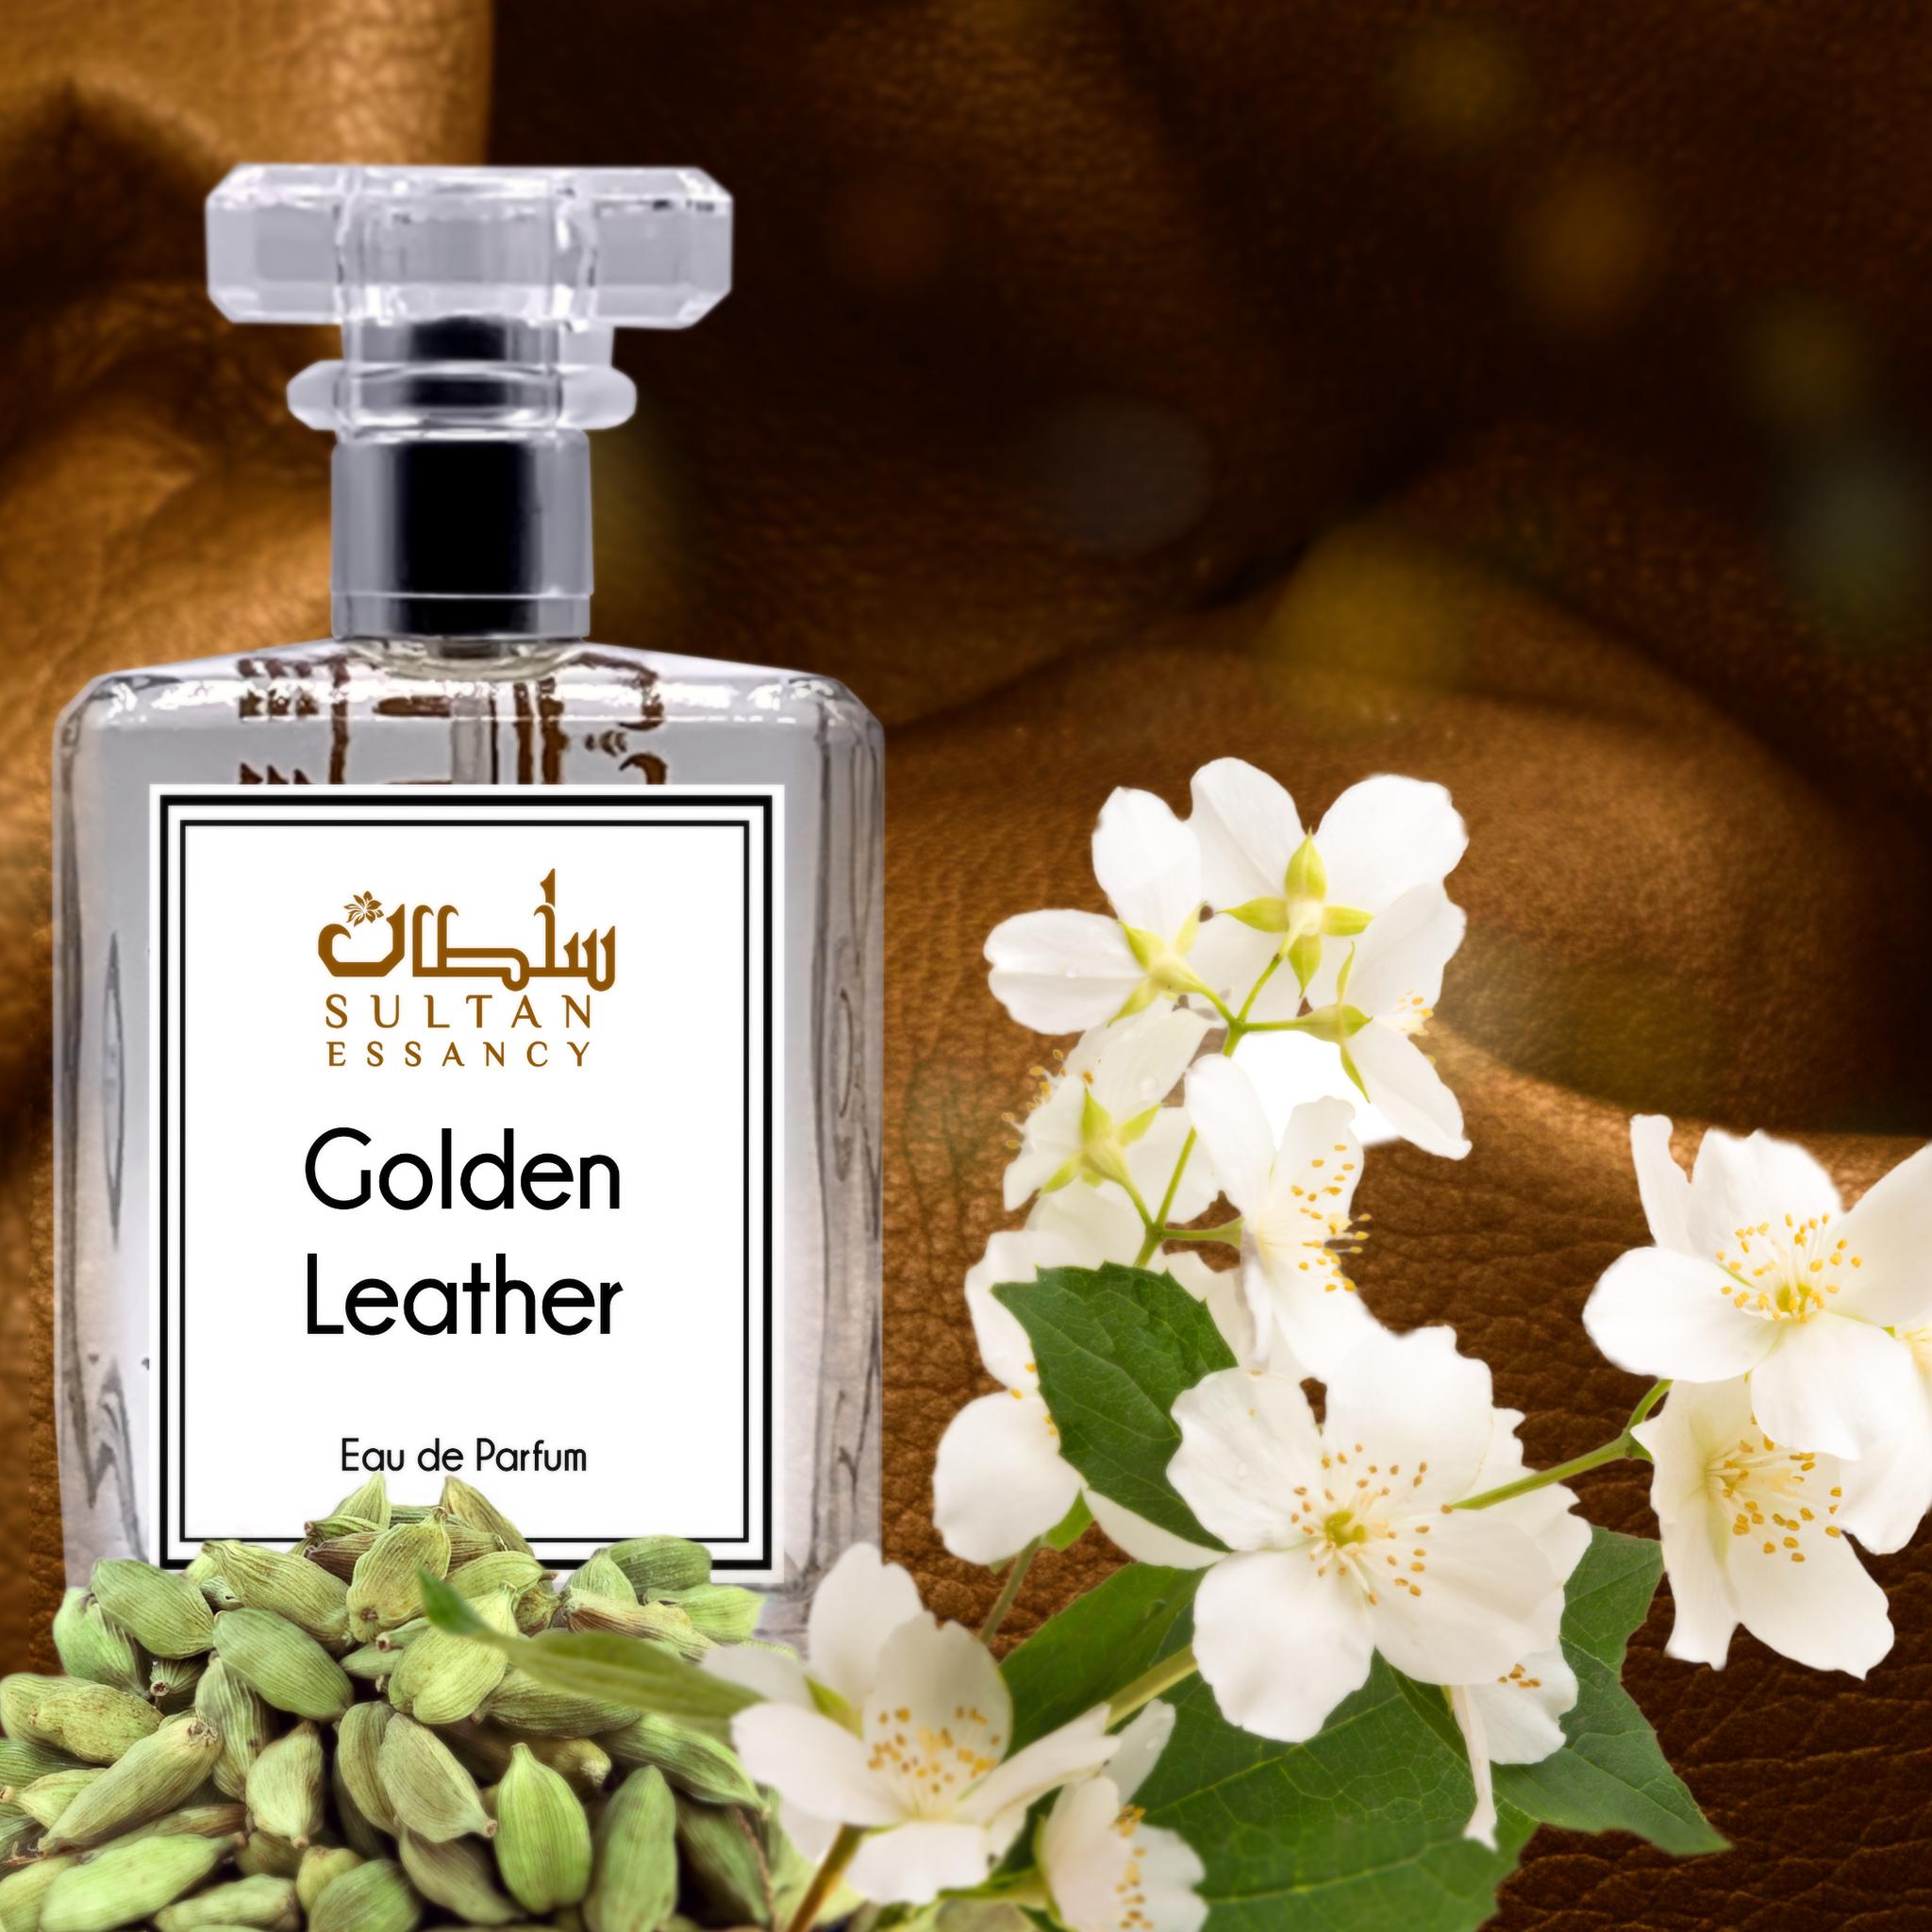 Parfüm Golden Leather Eau de Perfume von Sultan Essancy Unisex